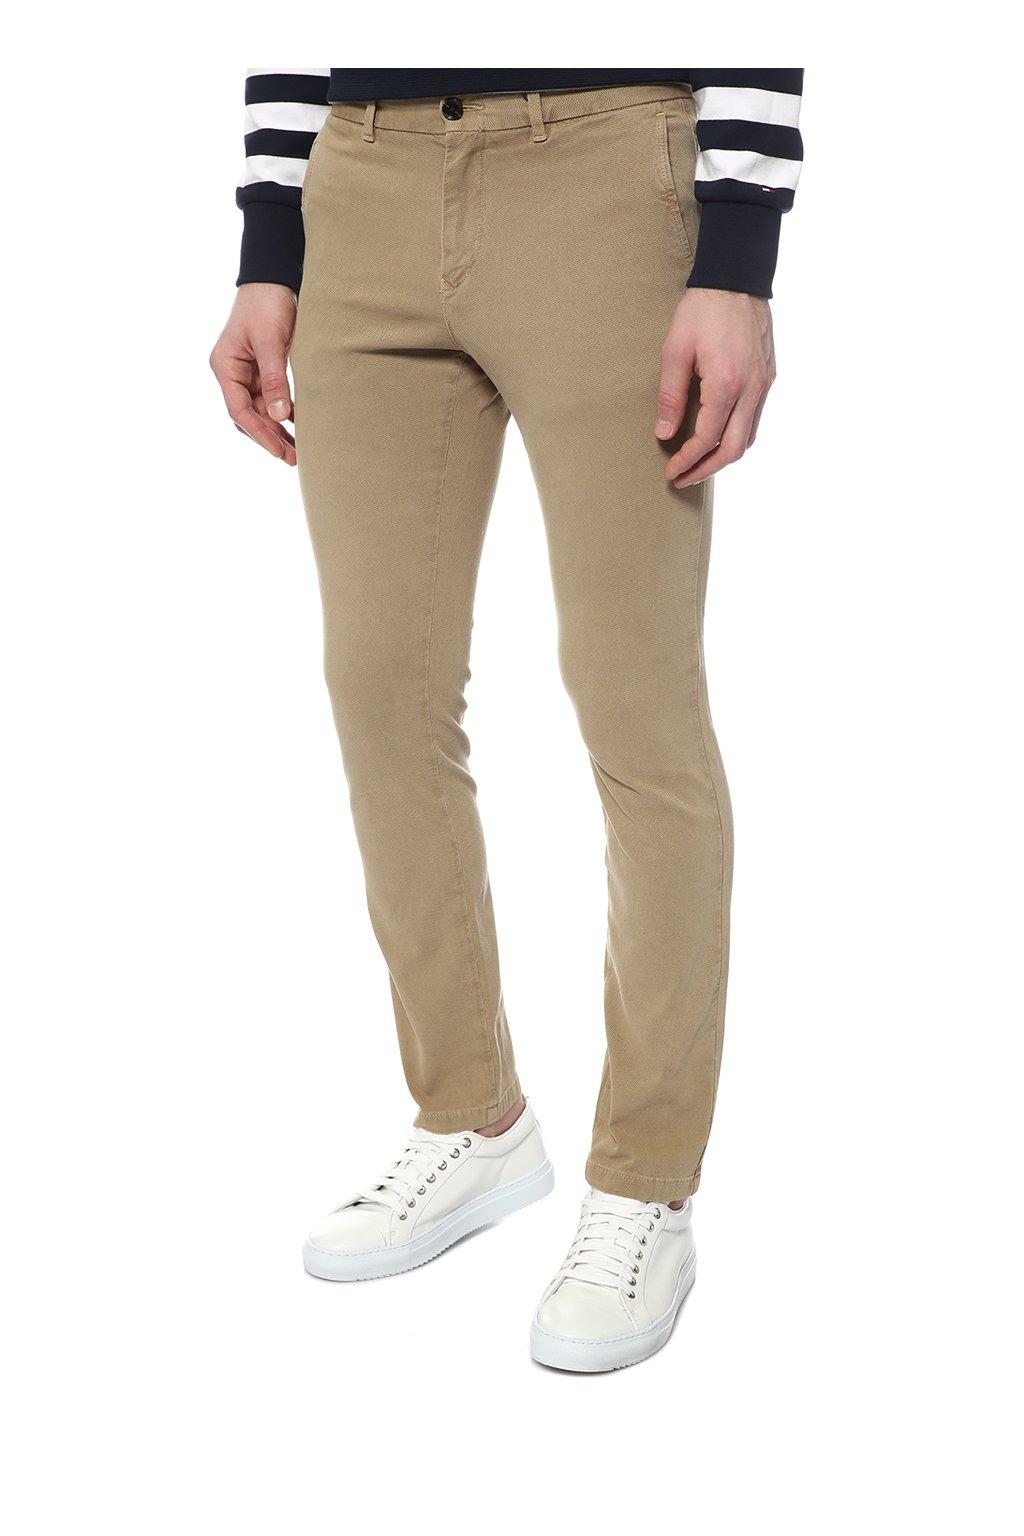 Pánské kalhoty Tommy Hilfiger MW0MW06106300